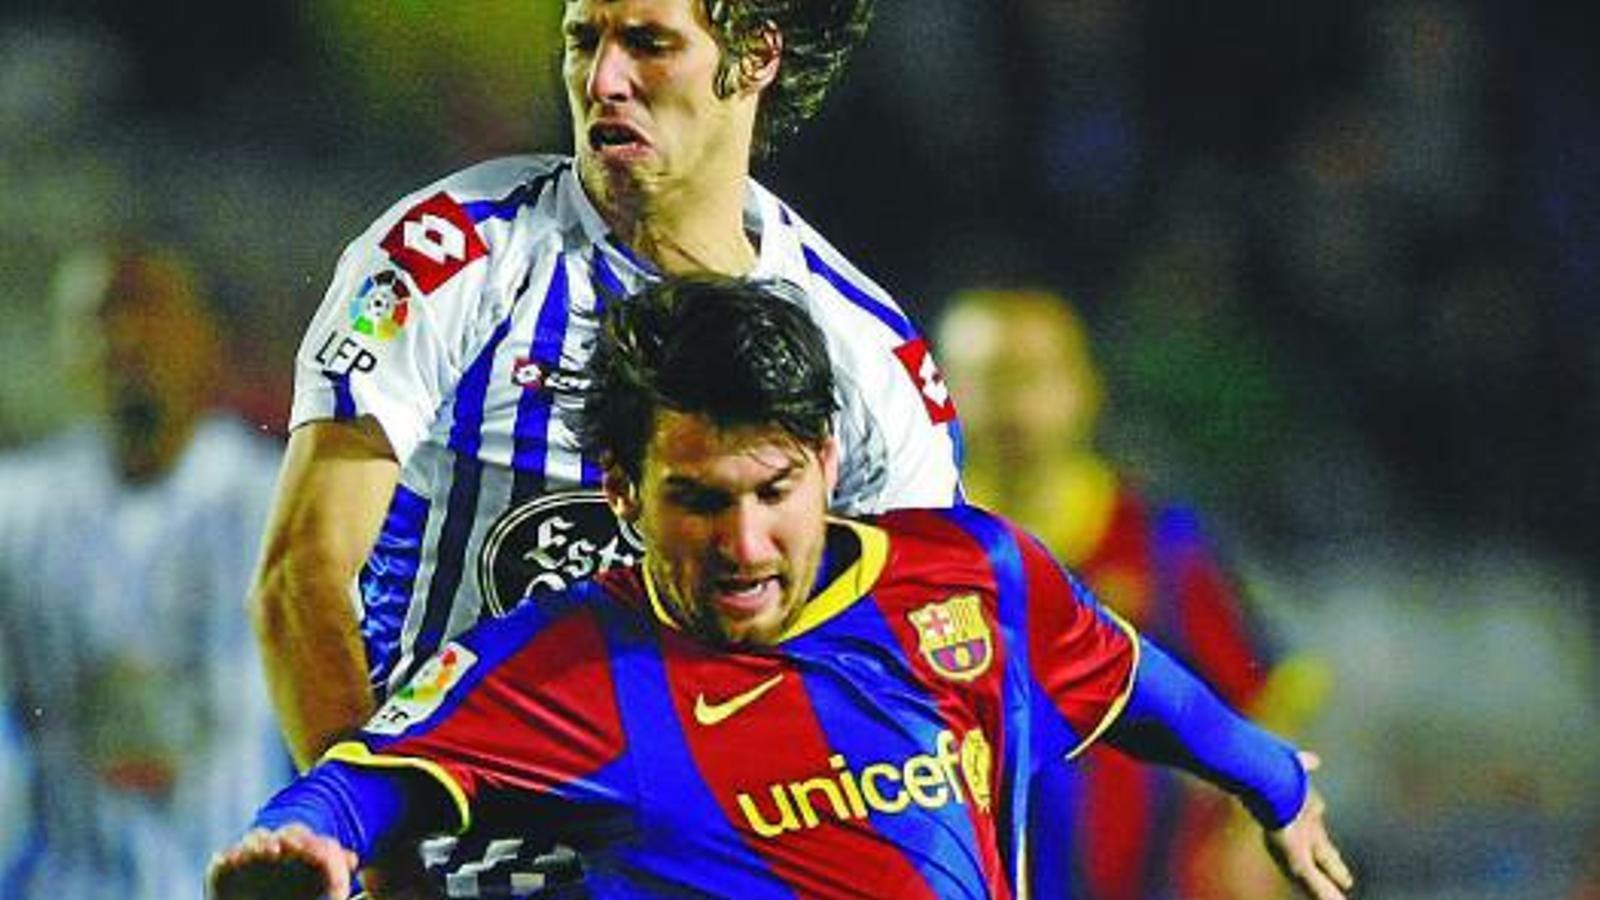 Els jugadors del Deportivo van intentar aturar Messi de totes les maneres possibles. Rubén Pérez no va poder evitar que l'argentí arribés amb facilitat a l'àrea. / MIGUEL VIDAL / REUTERS